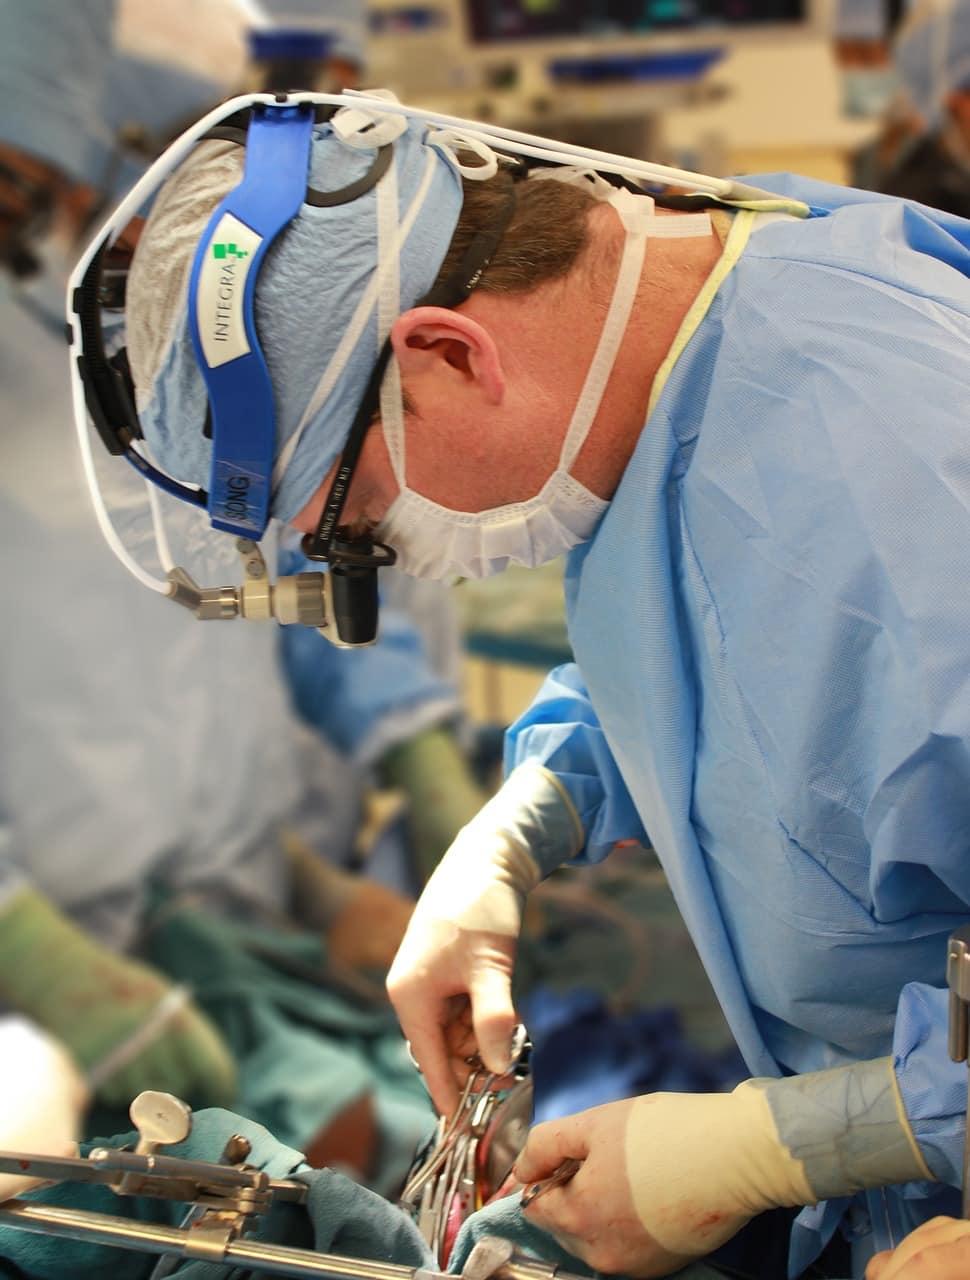 רשלנות רפואית בלידה שליה